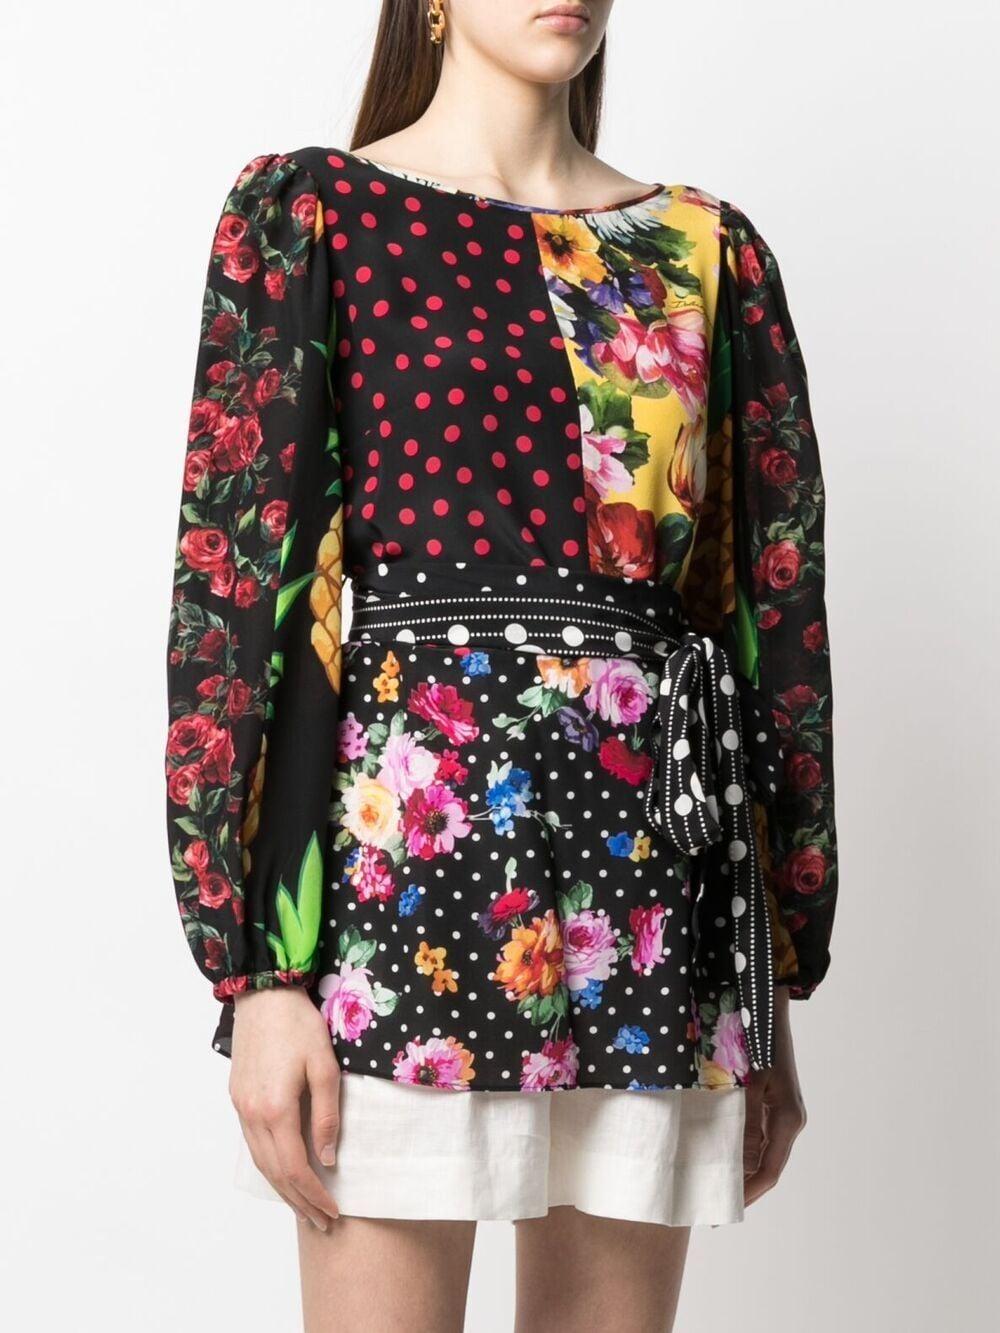 Blusa in seta elasticizzata nera e multicolore con scollo tondo DOLCE & GABBANA | Camicie | F75E3T-GDY58S9000